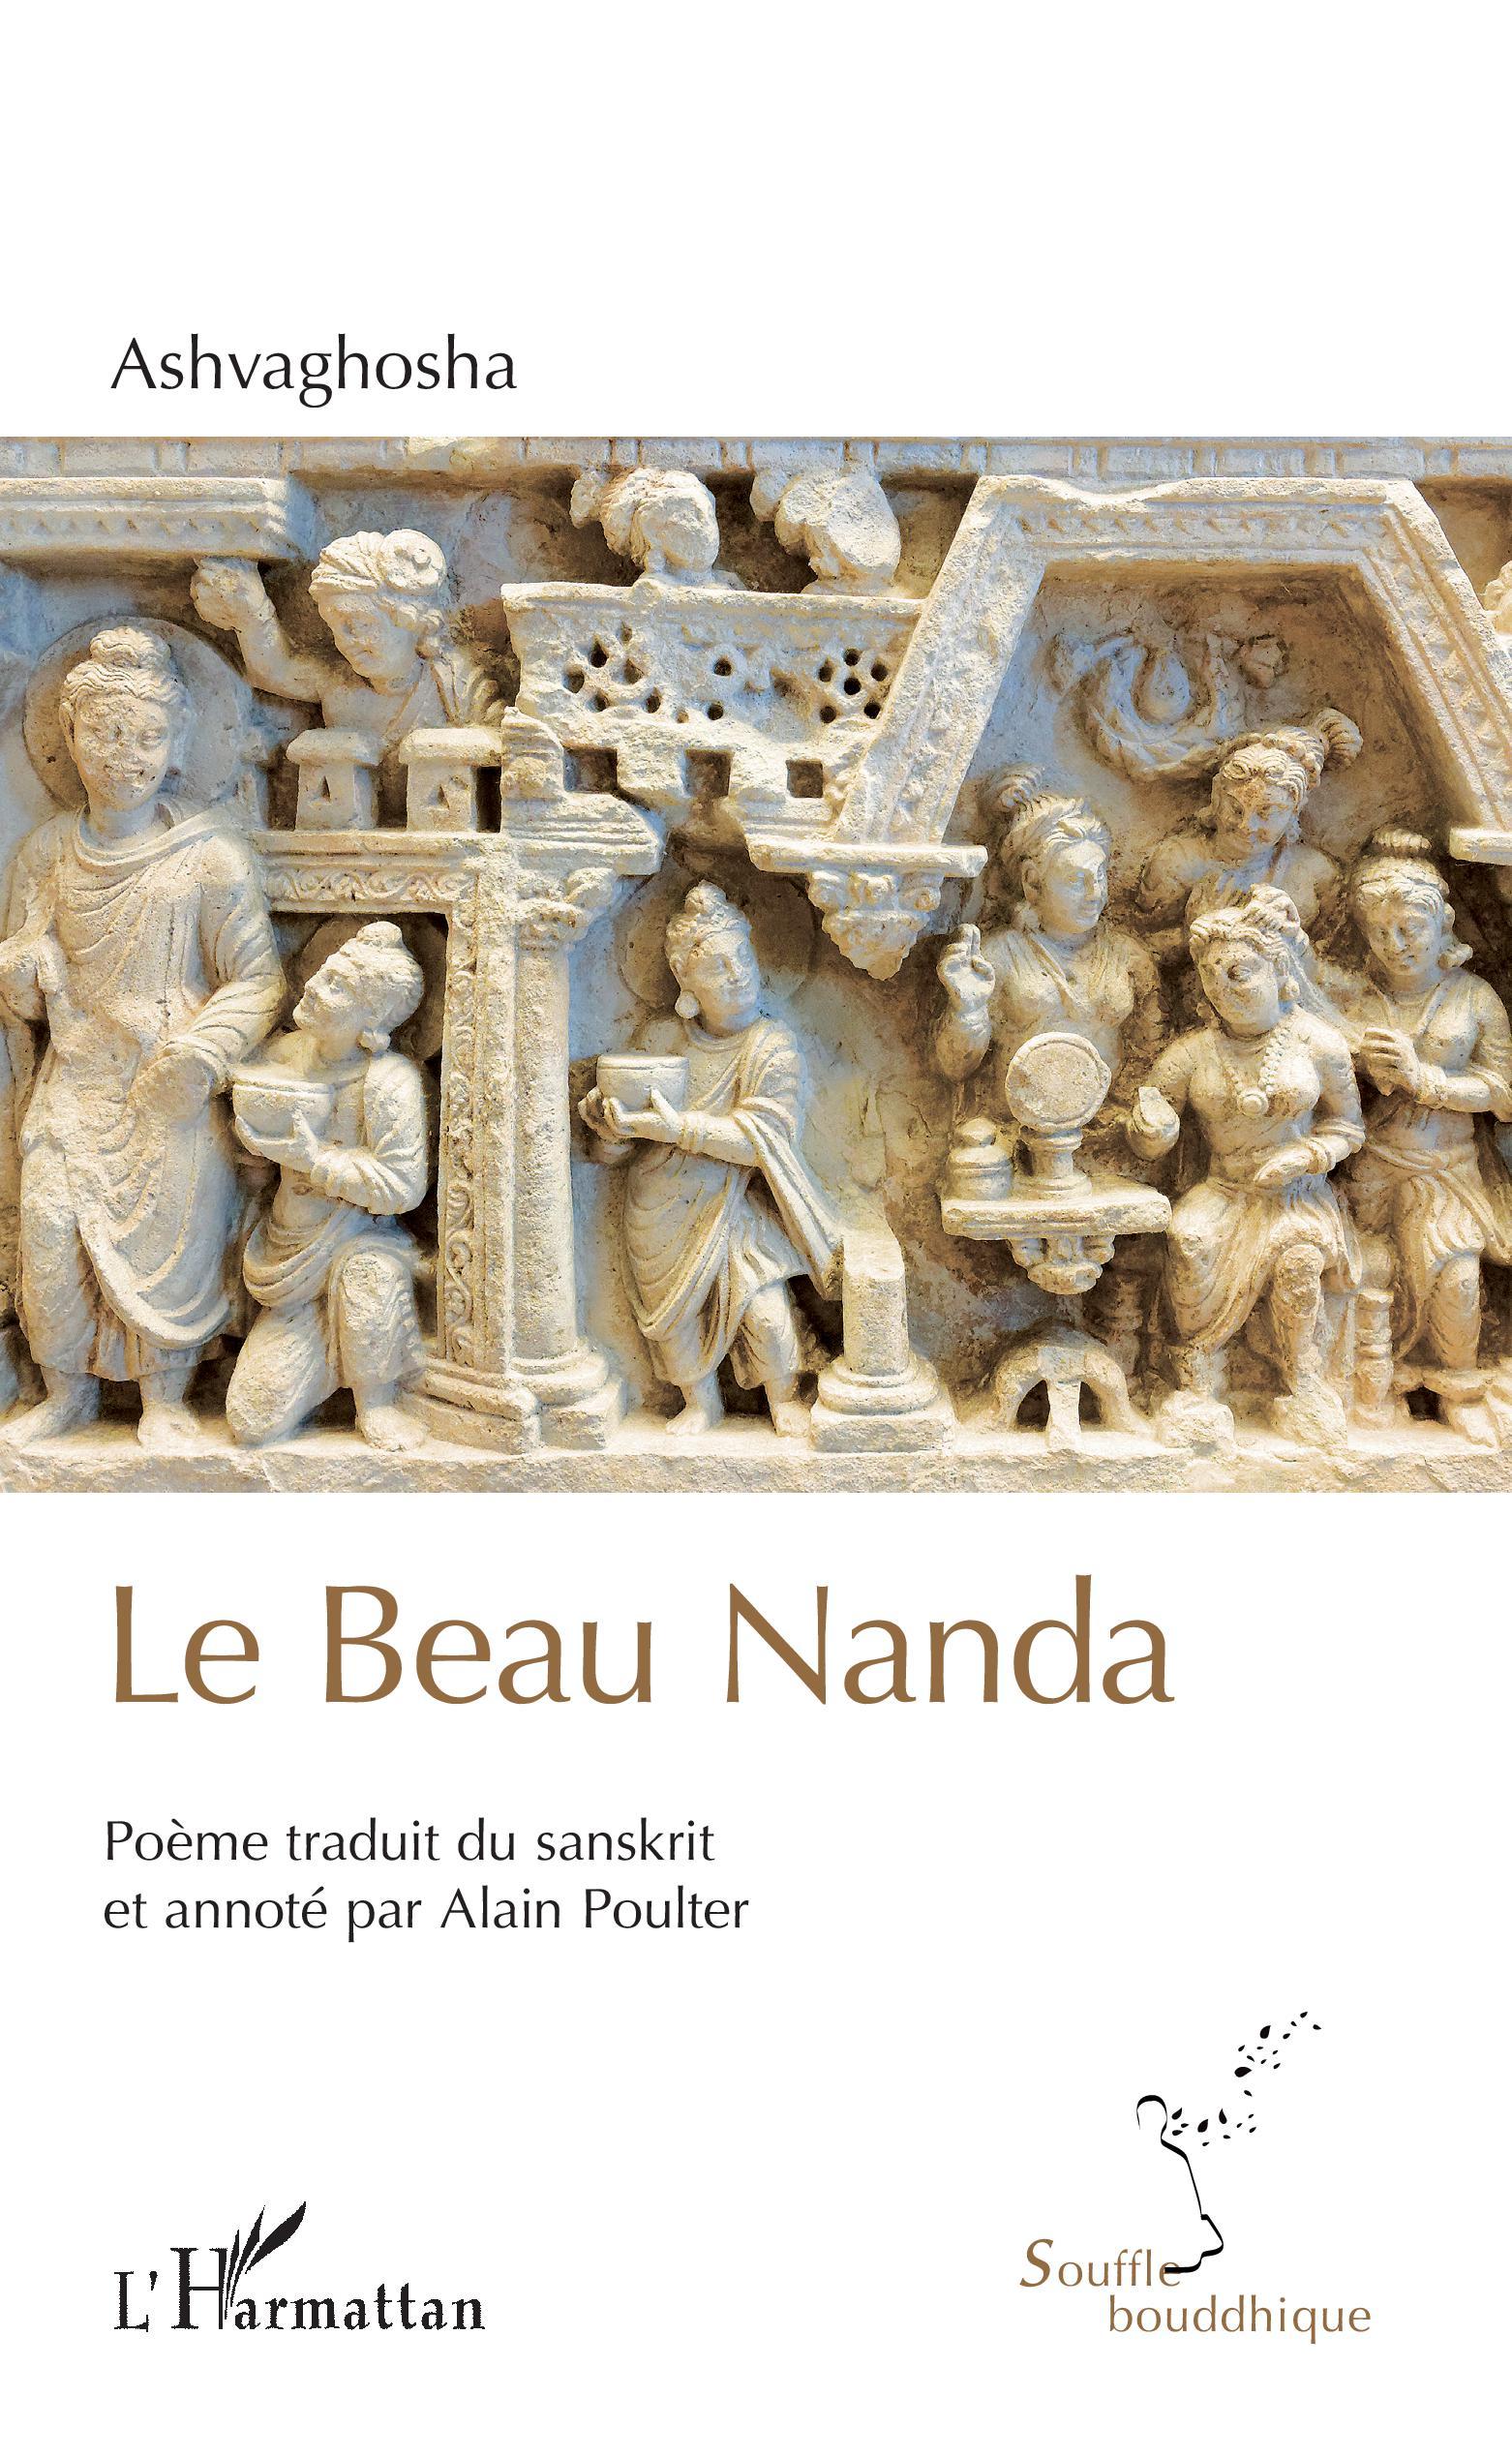 Ashvaghosha, Le Beau Nanda